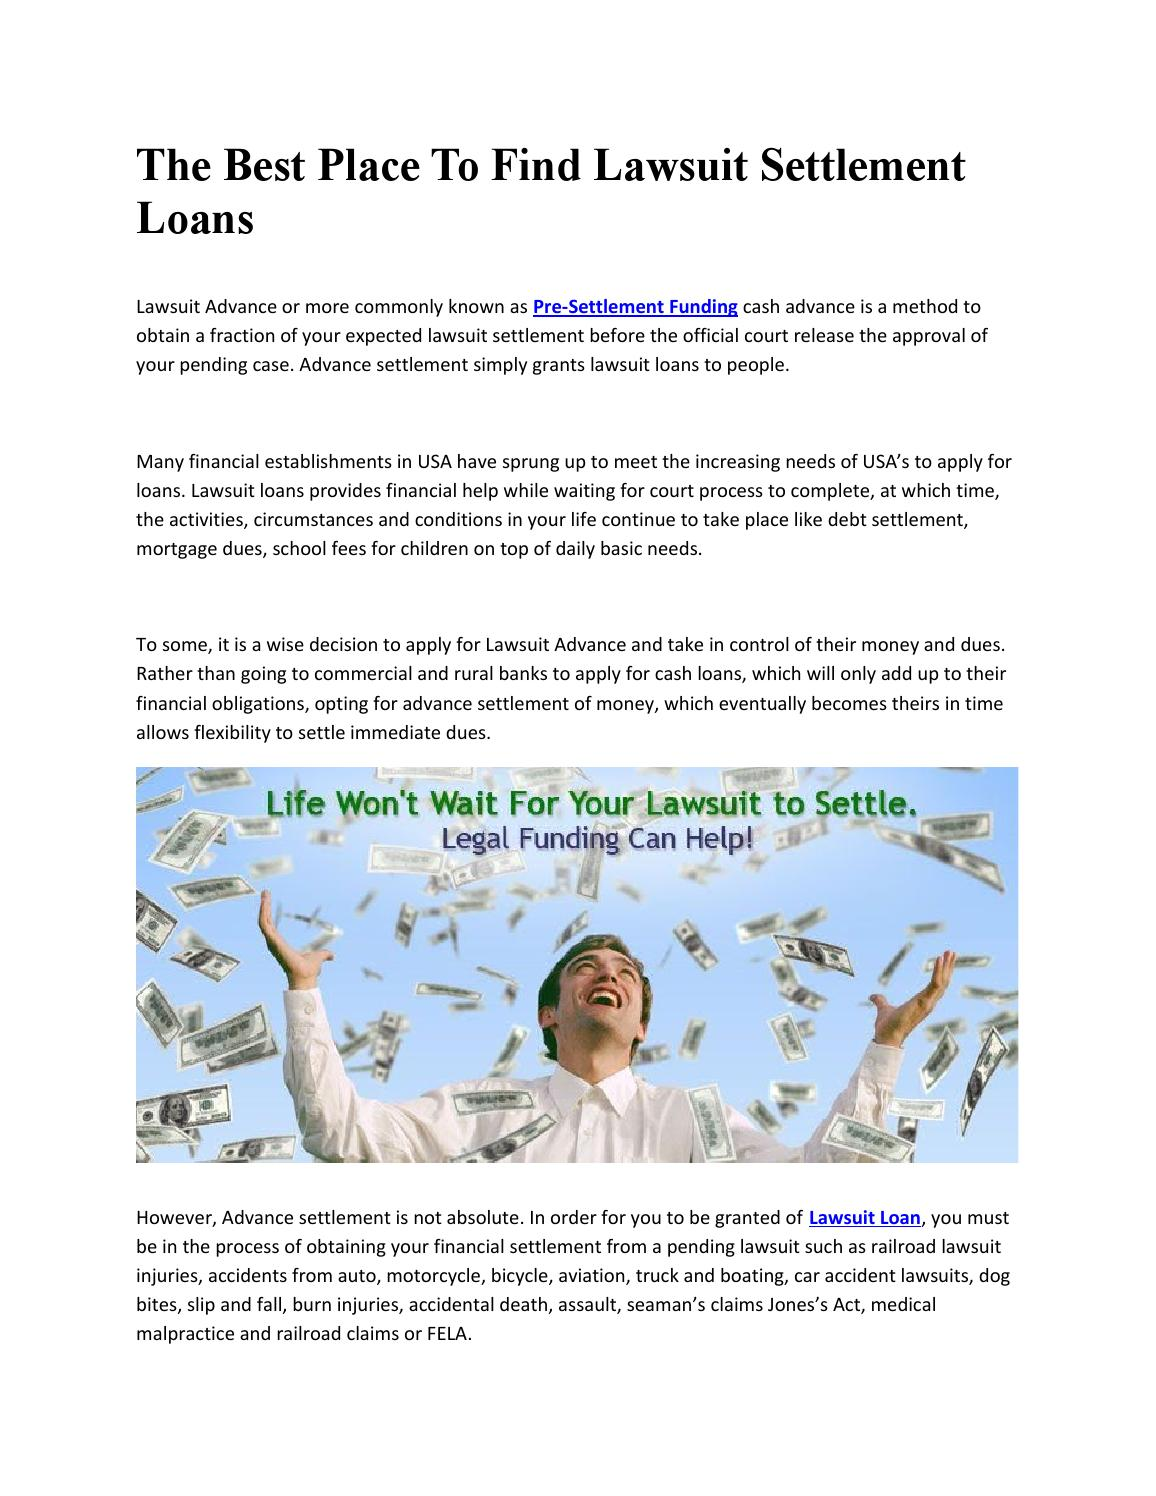 lawsuit loans by lawsuitl loans pre settlement funding - issuu